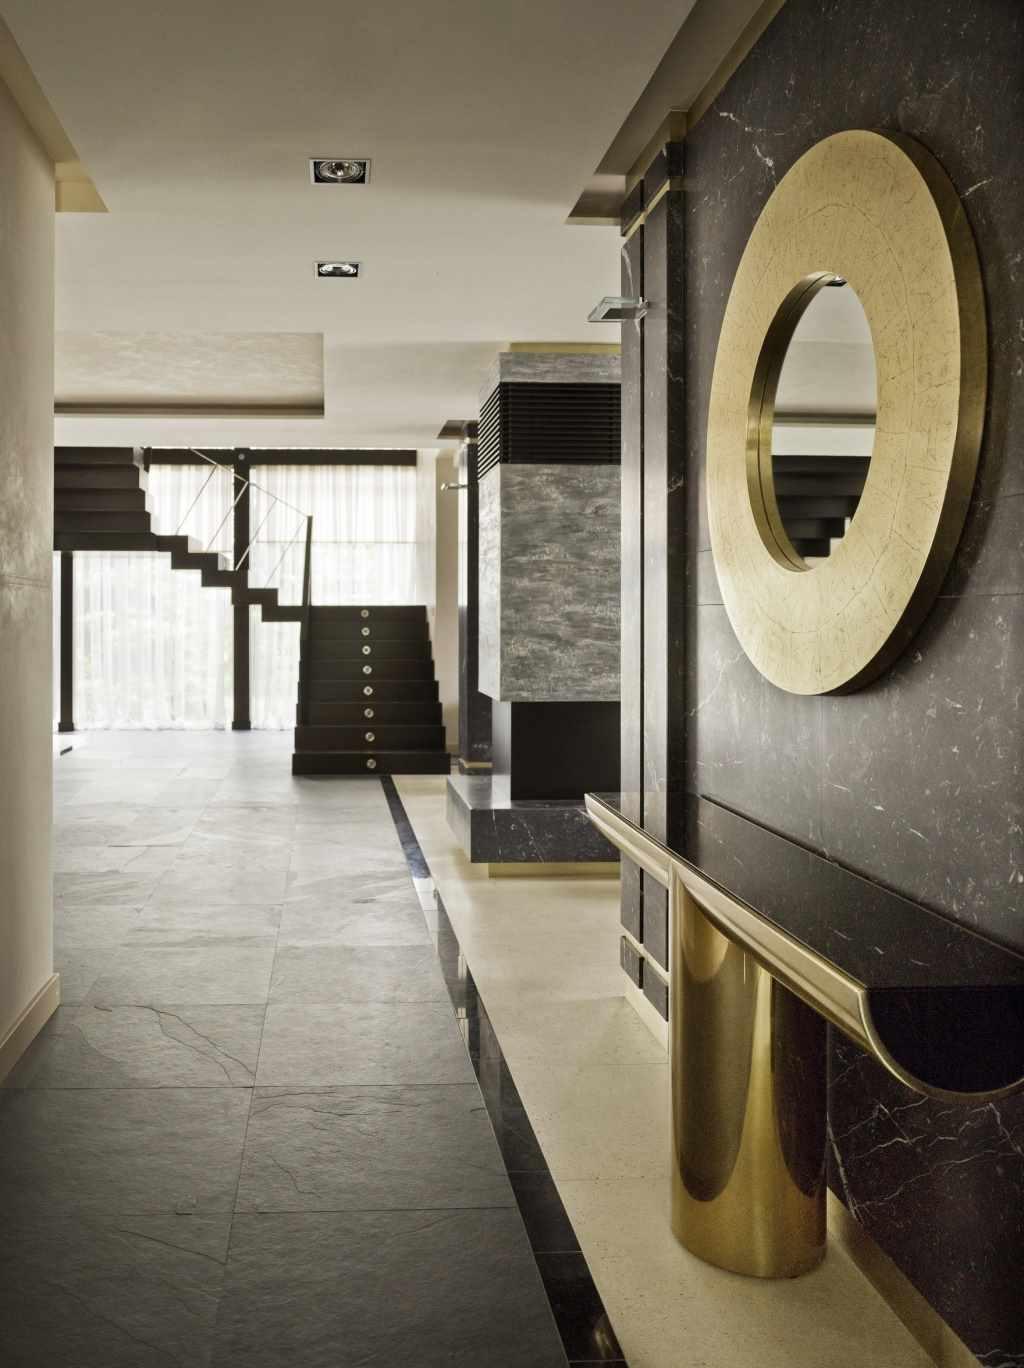 idée d'un décor clair d'un couloir dans une maison privée